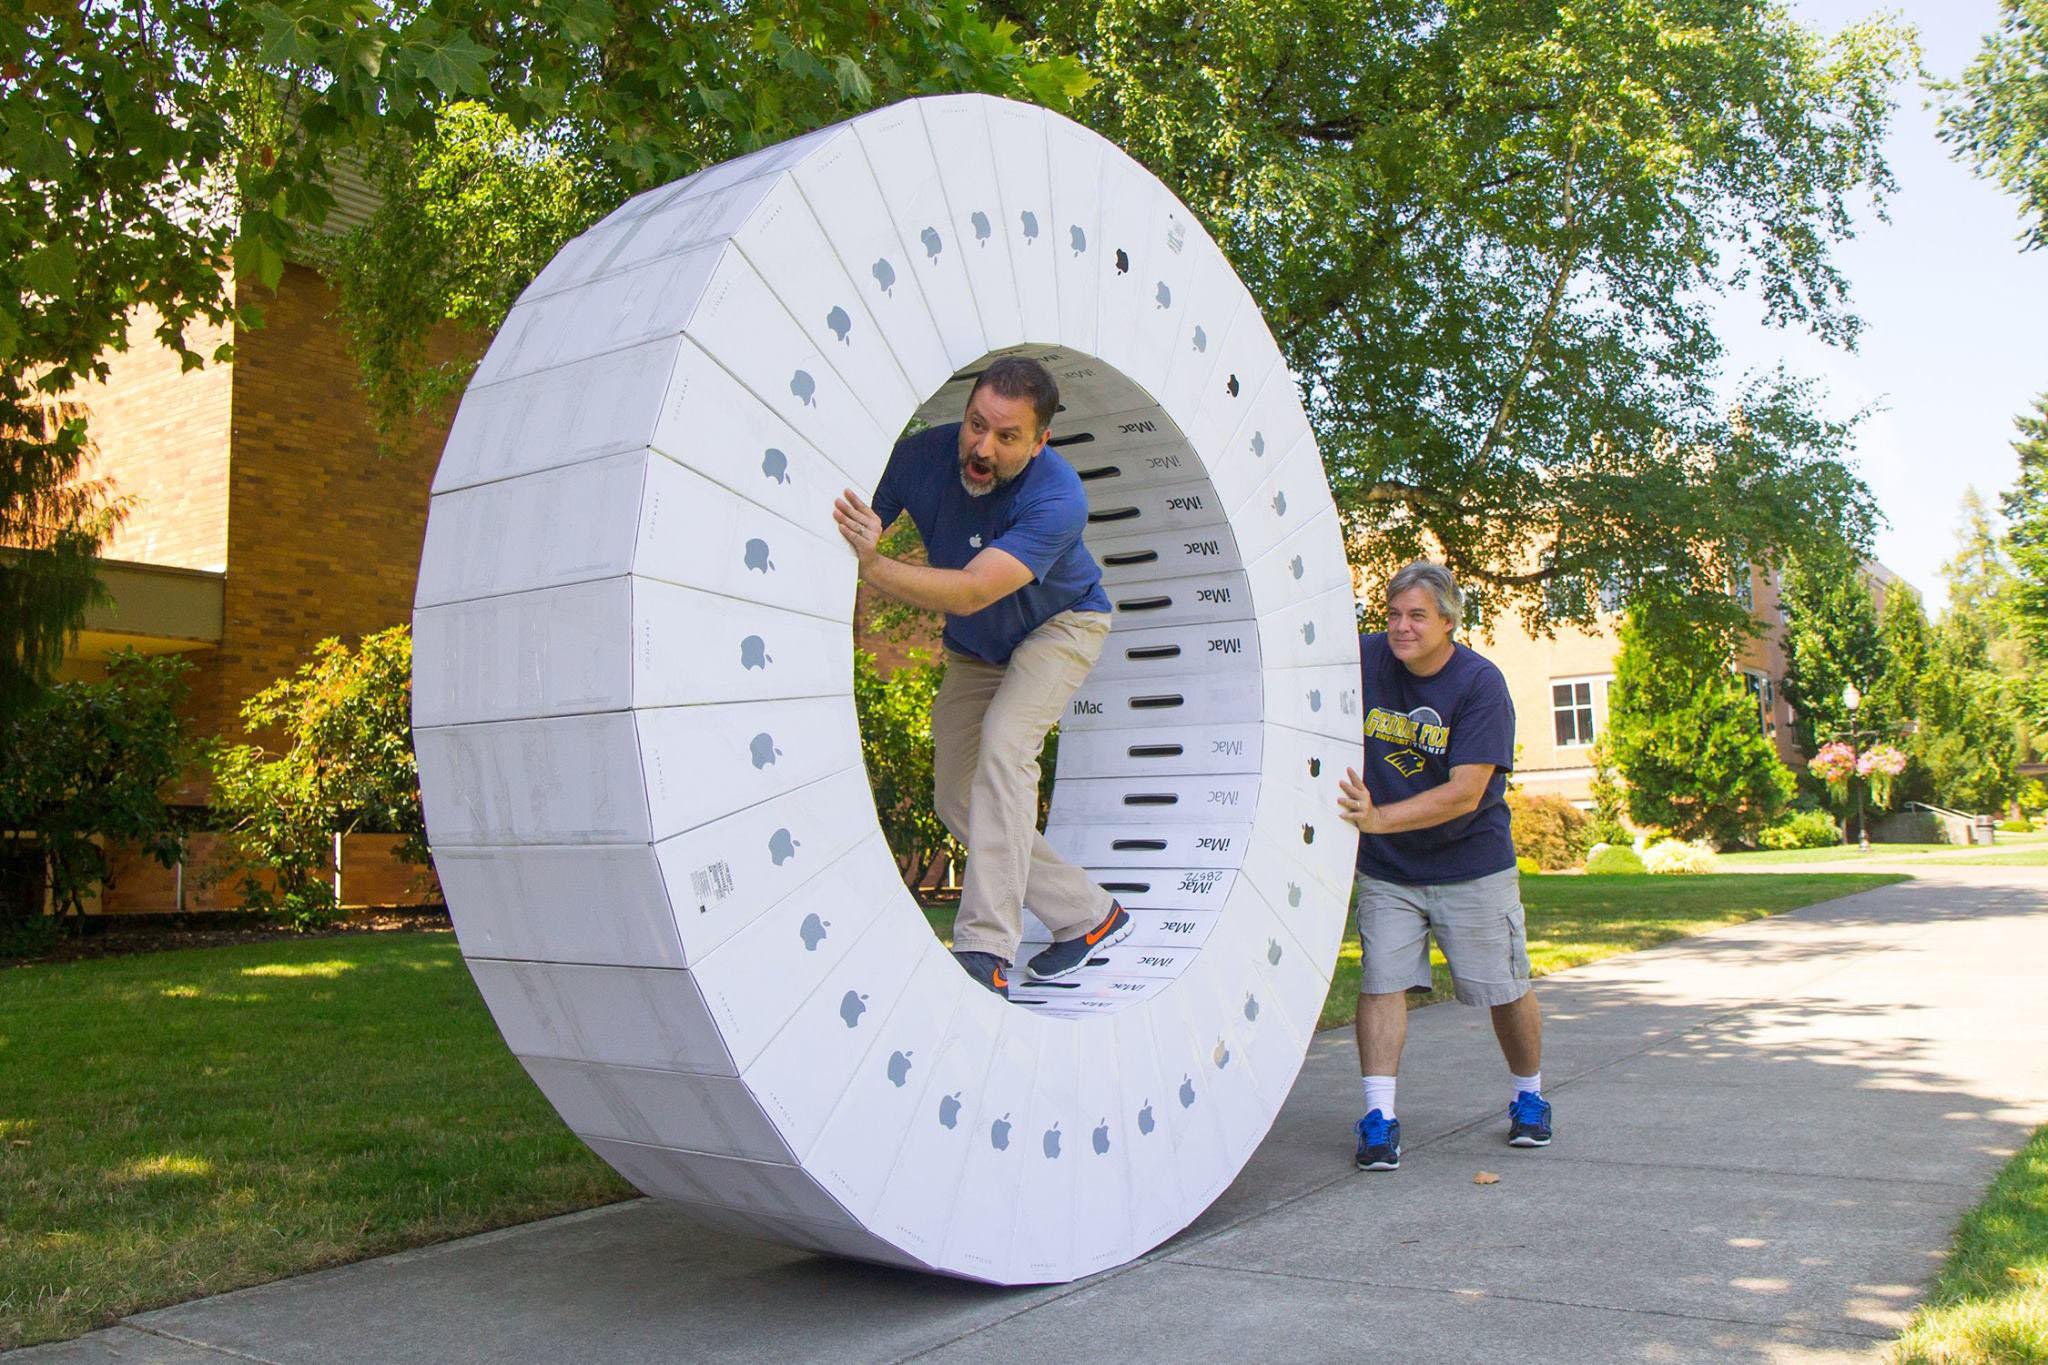 36台空 iMac 包装盒子粘在一起,变成人力仓鼠轮